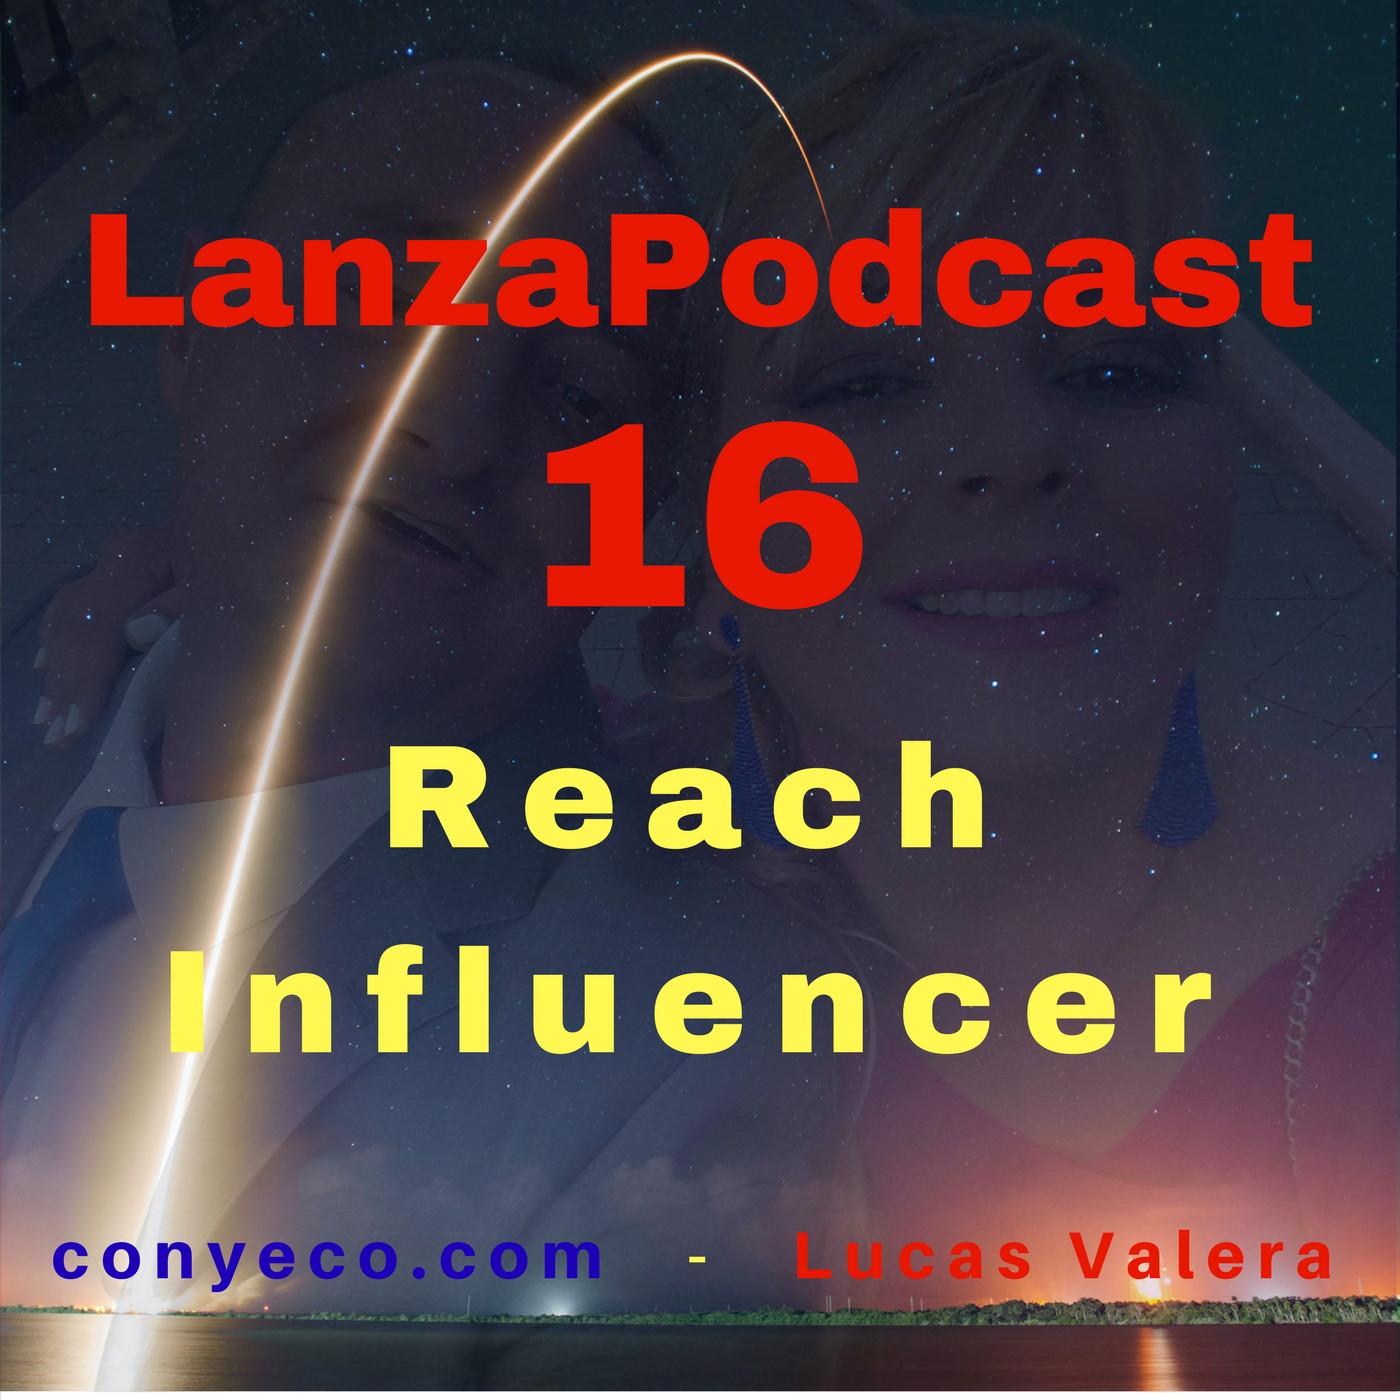 LanzaPodcast-16-Reach-Influencer-conyeco.com-Lucas-Valera